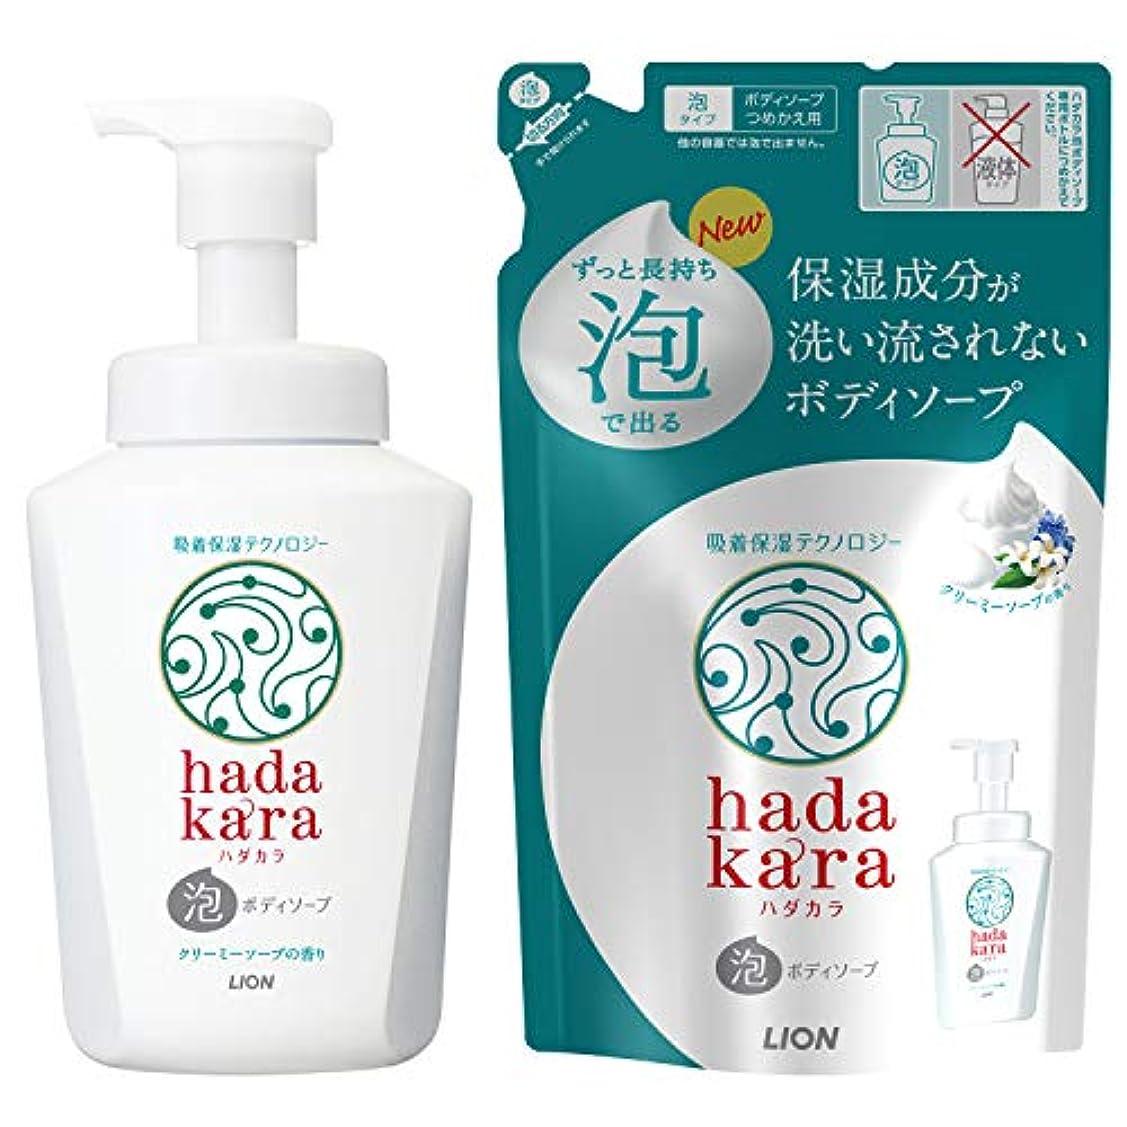 広げるびっくりする手術hadakara(ハダカラ) ボディソープ 泡タイプ クリーミーソープの香り 本体550ml+詰替440ml